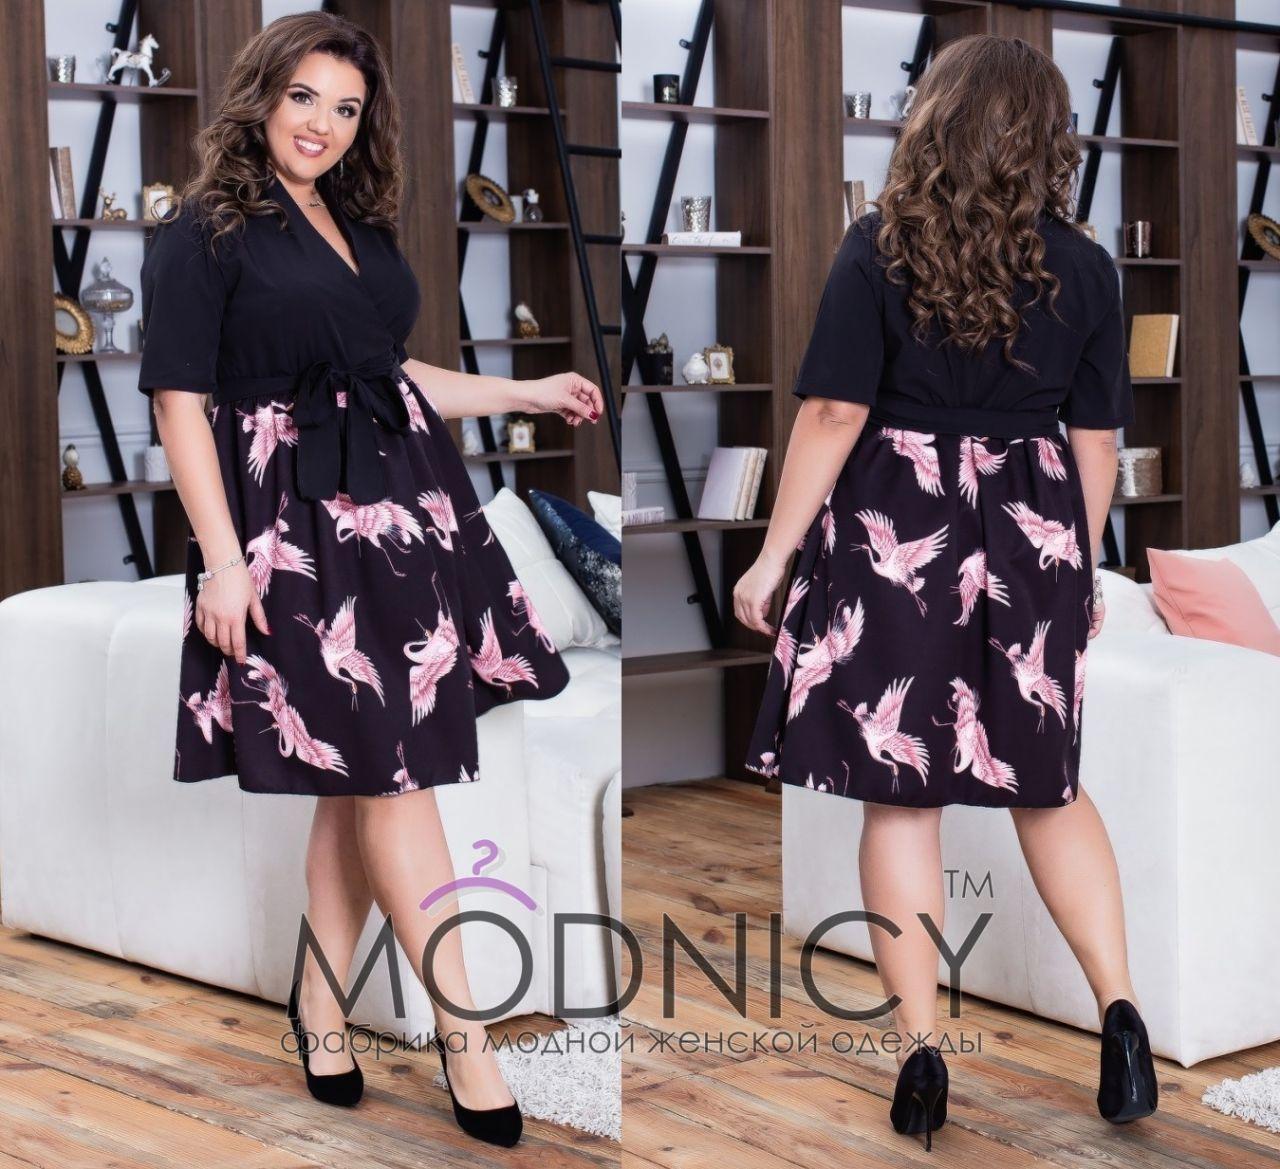 7c29c1c41c9 Платье Журавли 35557  Интернет-магазин модной женской одежды оптом и ...